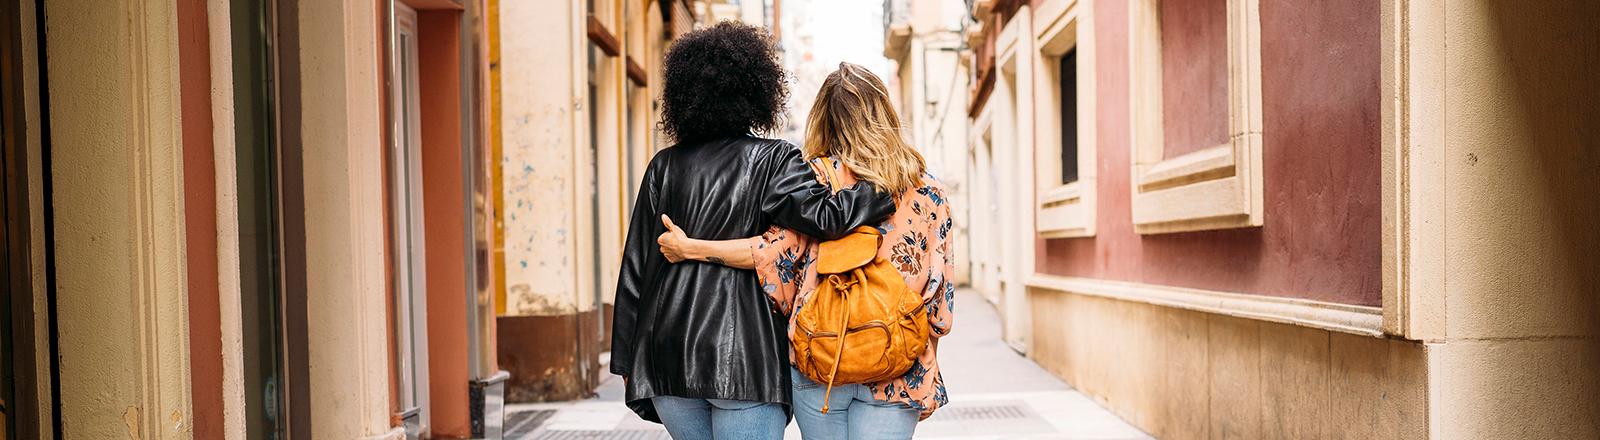 Zwei weiblich gelesene Personen gehen Arm in Arm eine Straße entlang.